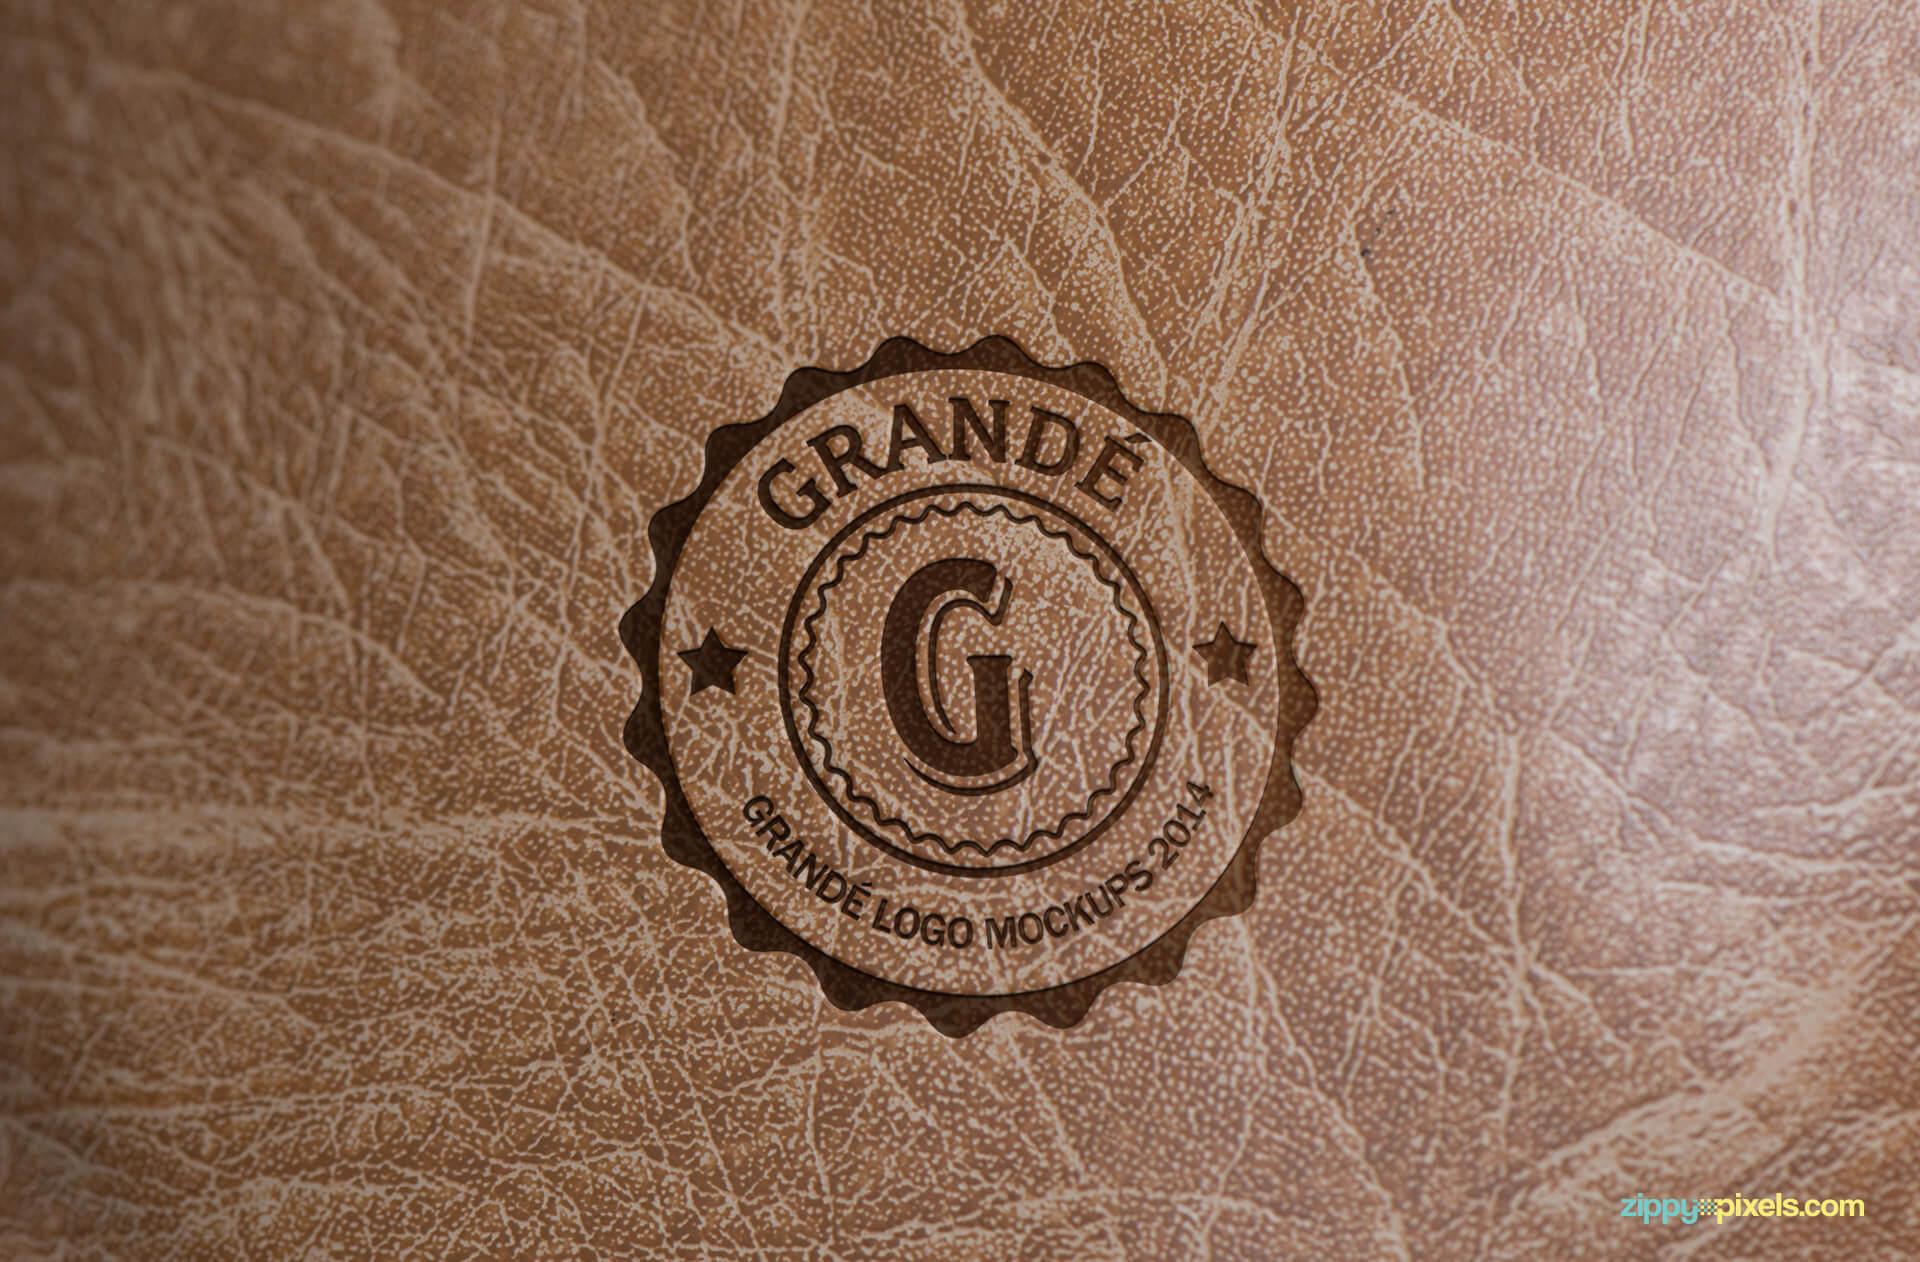 Logo Mockup - printed logo on soft leather